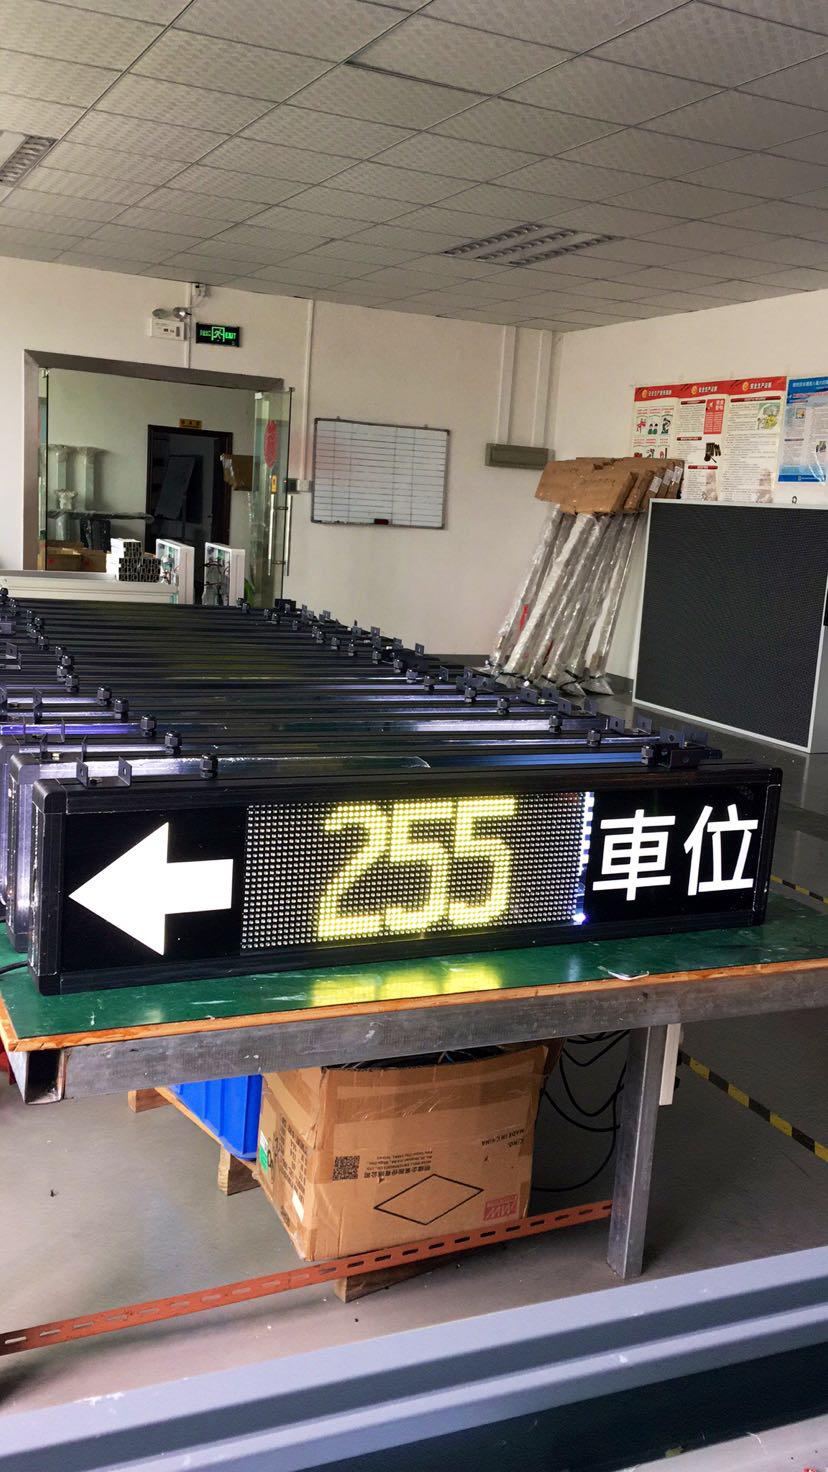 P7.62双色高亮单、双、三向车位引导屏(丝印透光)定制